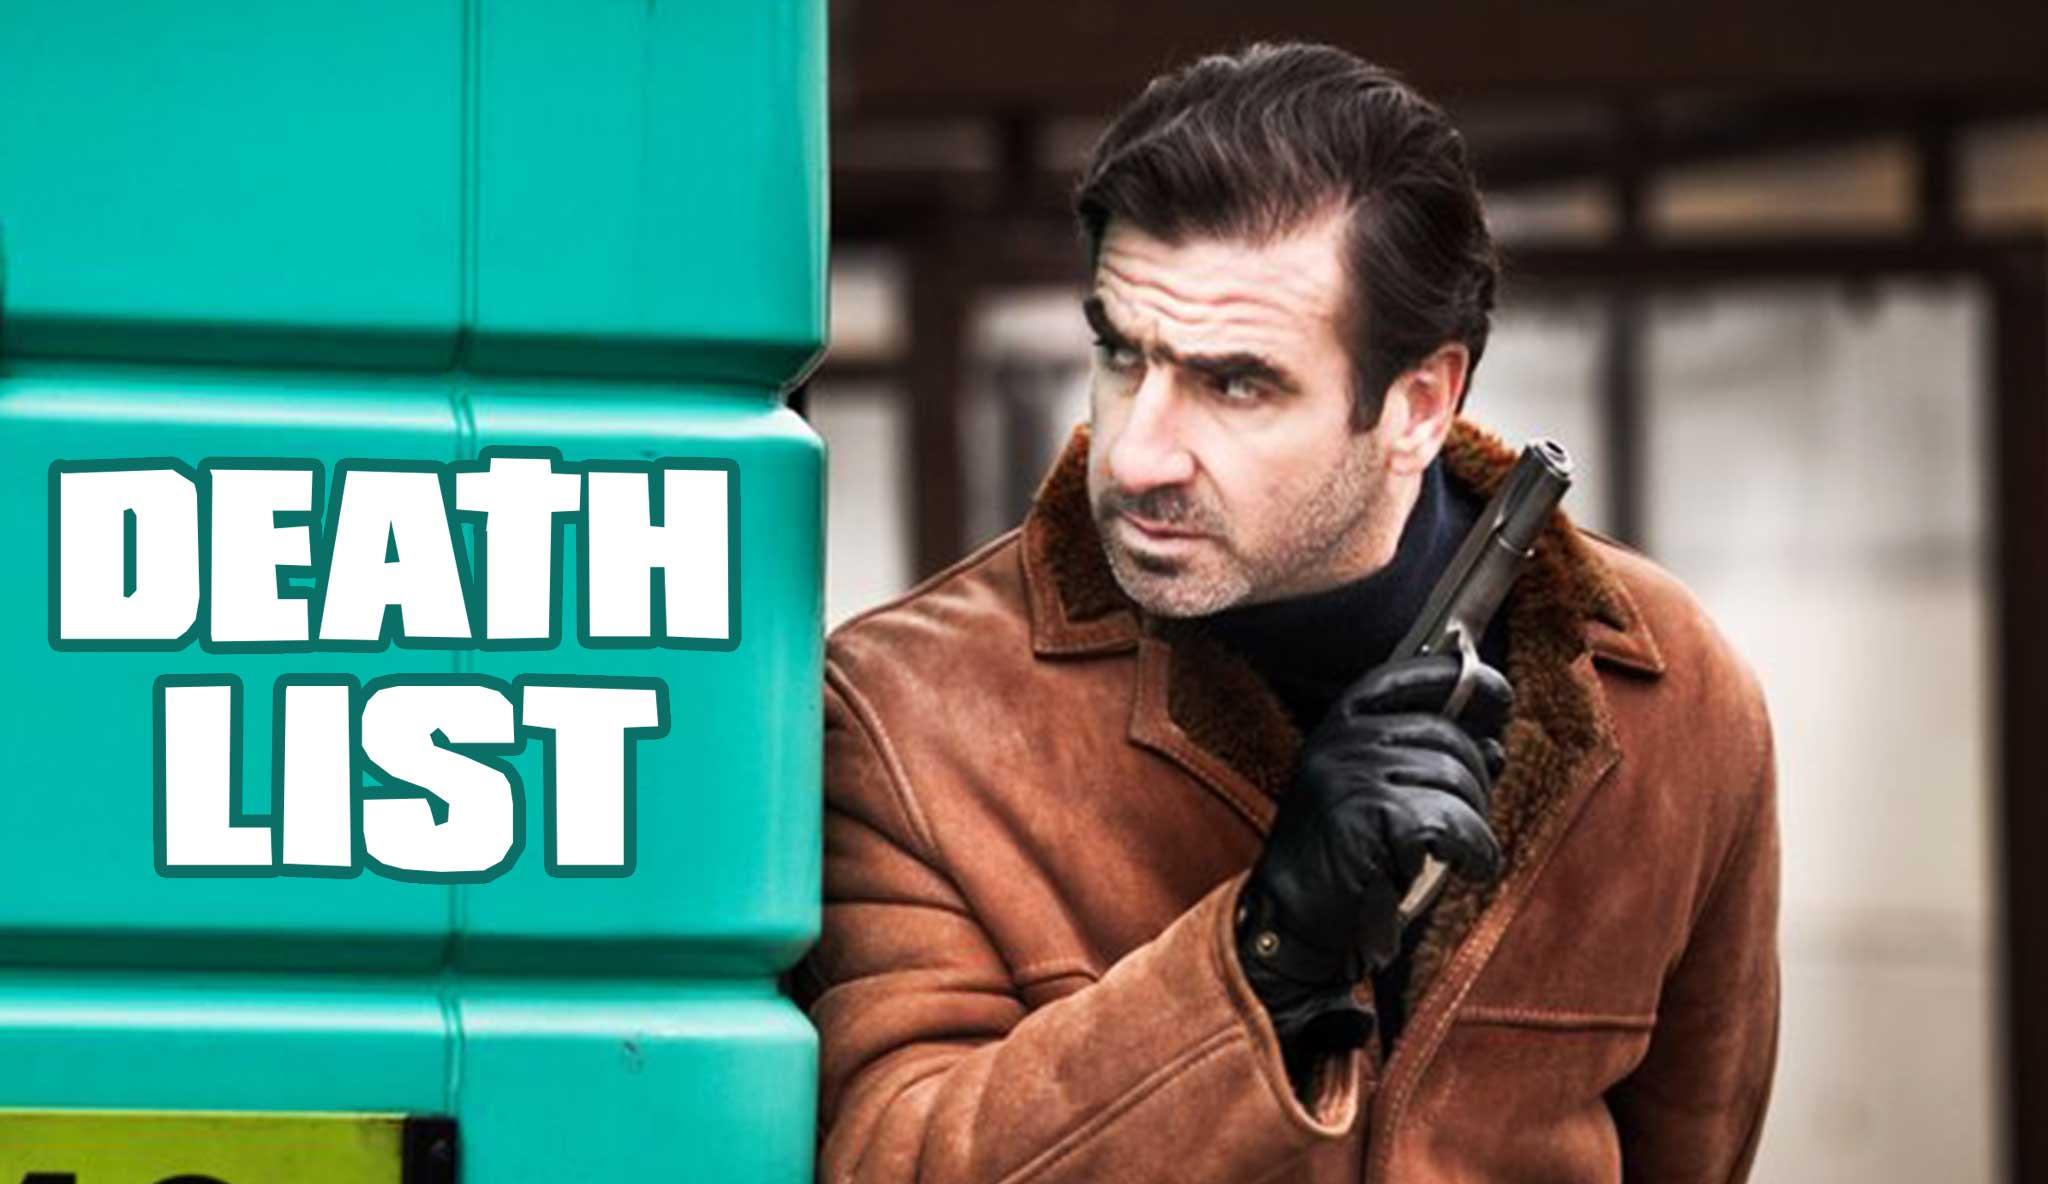 death-list-auf-der-todesliste\header.jpg